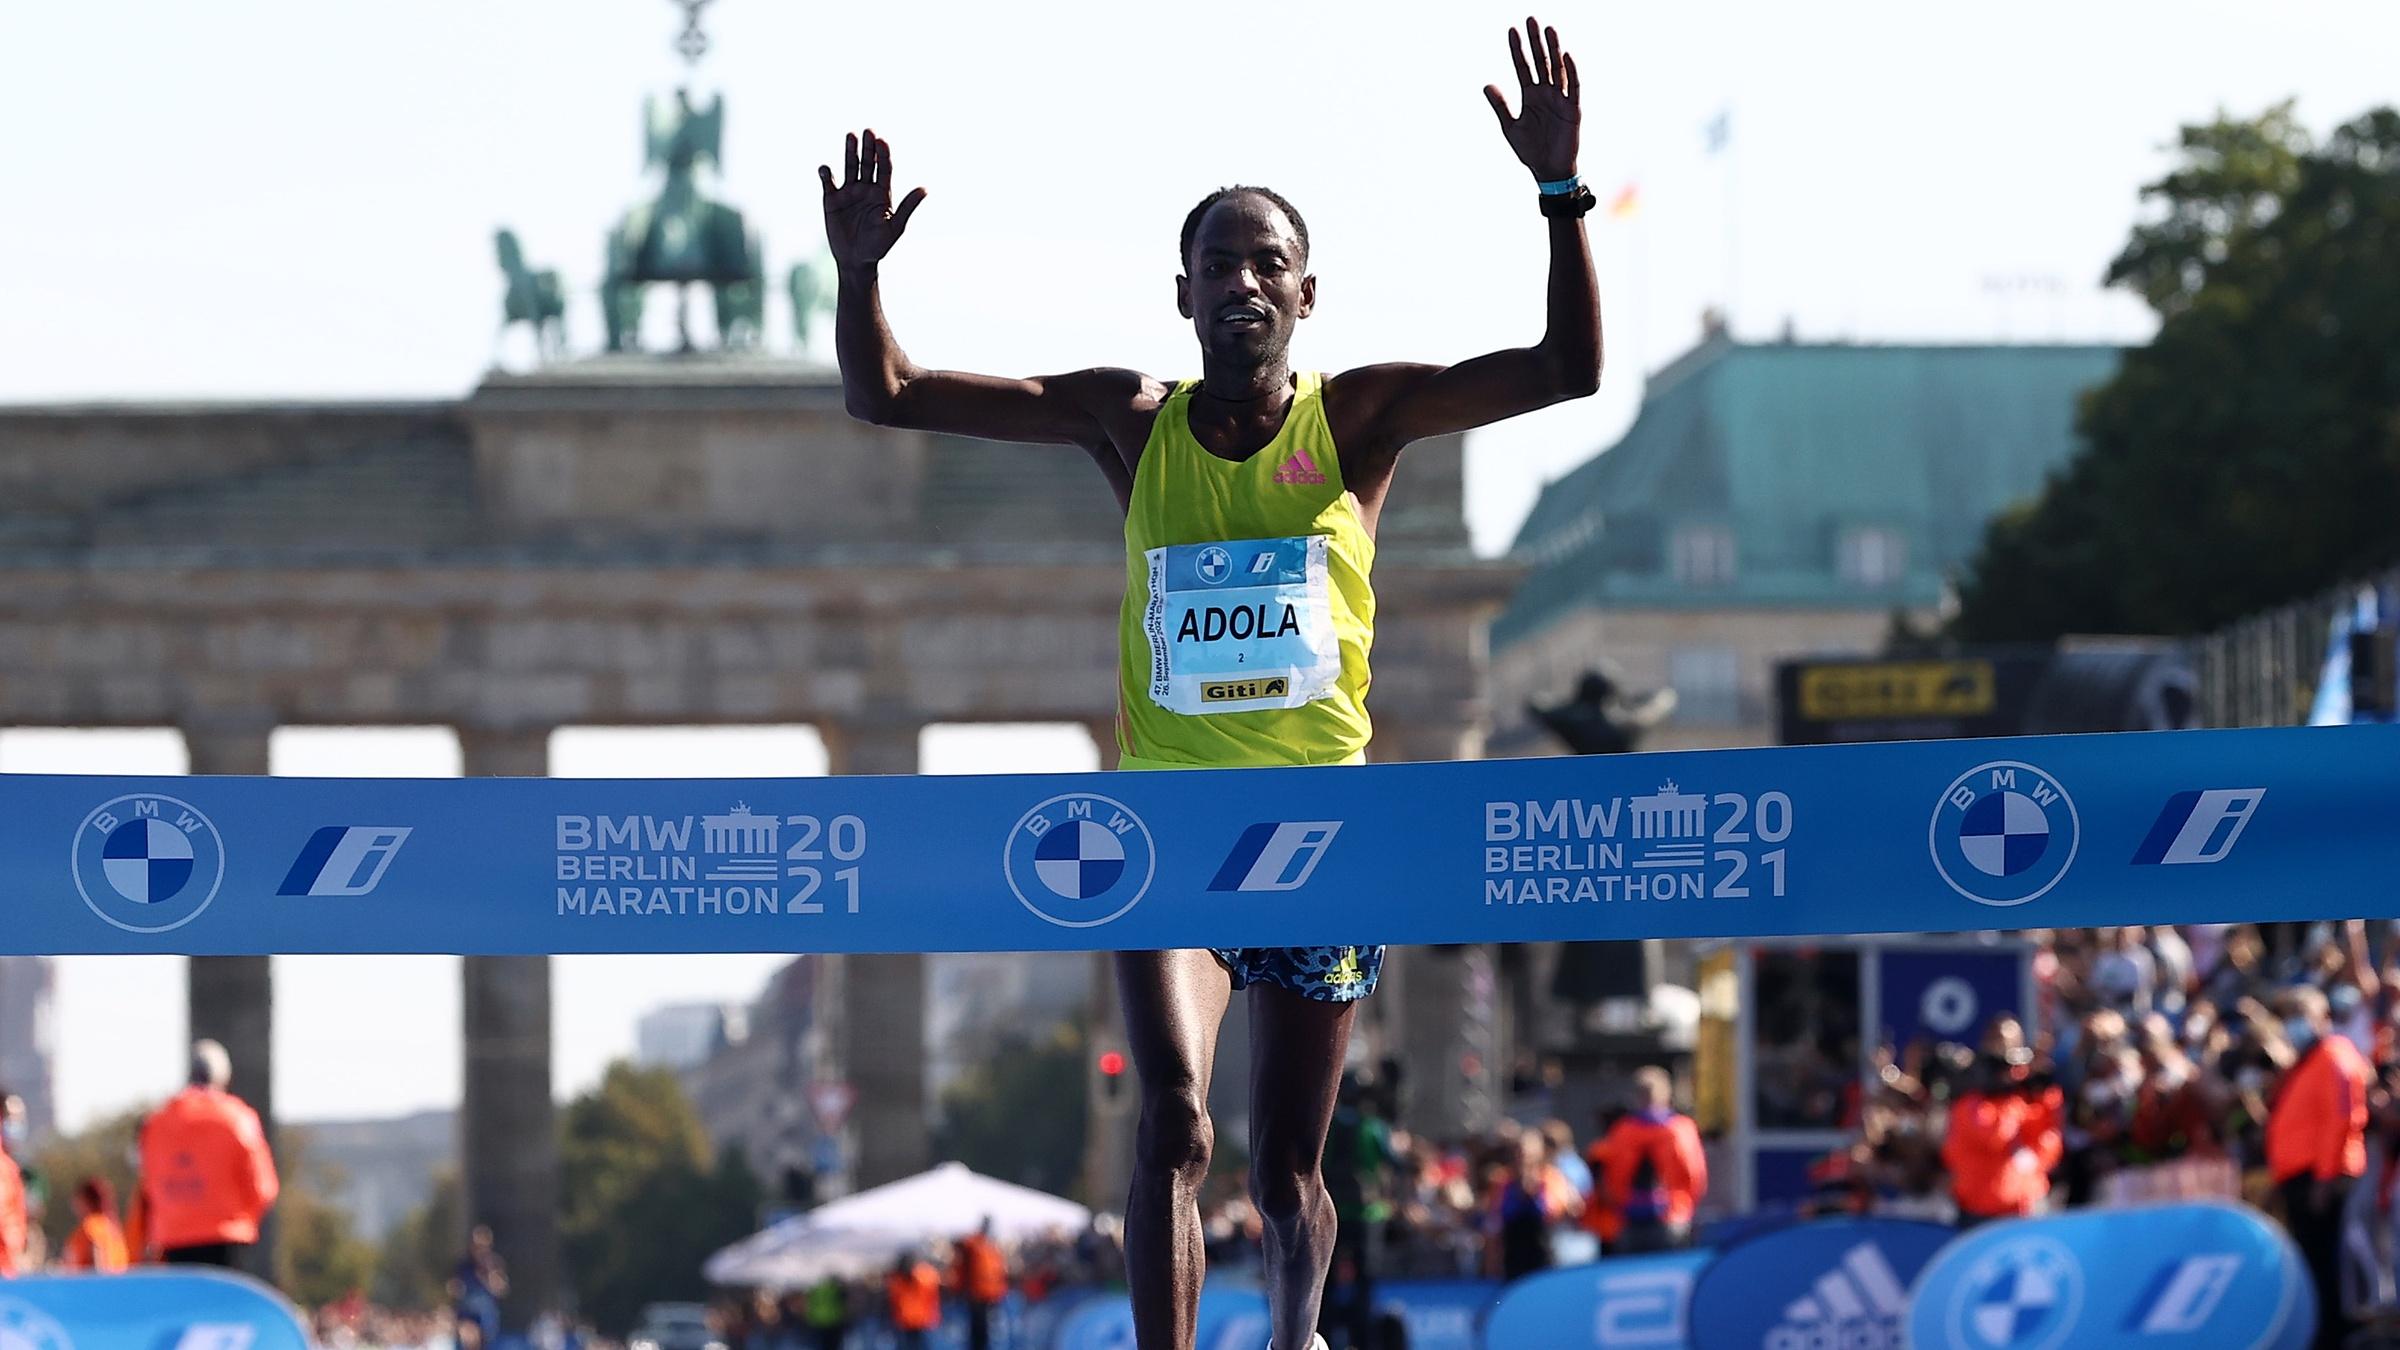 Adola mừng chiến thắng trước khi vượt qua vạch đích Berlin Marathon 2021 chiều 26/9. Ảnh: Athletic Weekly